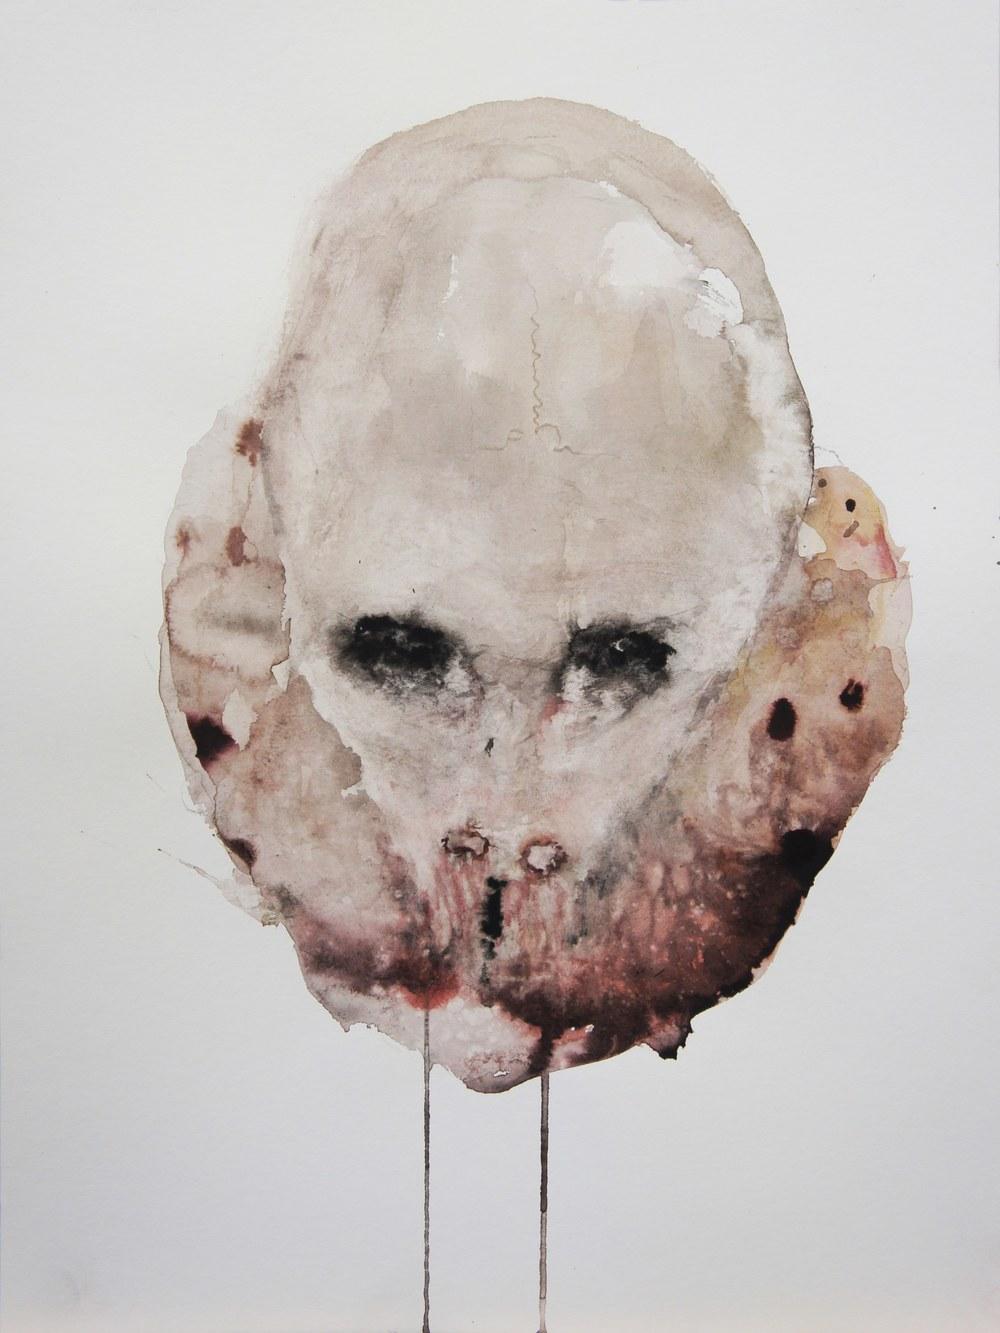 """Guy Oberson, """"Crâne animal, 8.4.15"""", aquarelle sur papier bambou, 42 x 56 cm, 2015"""